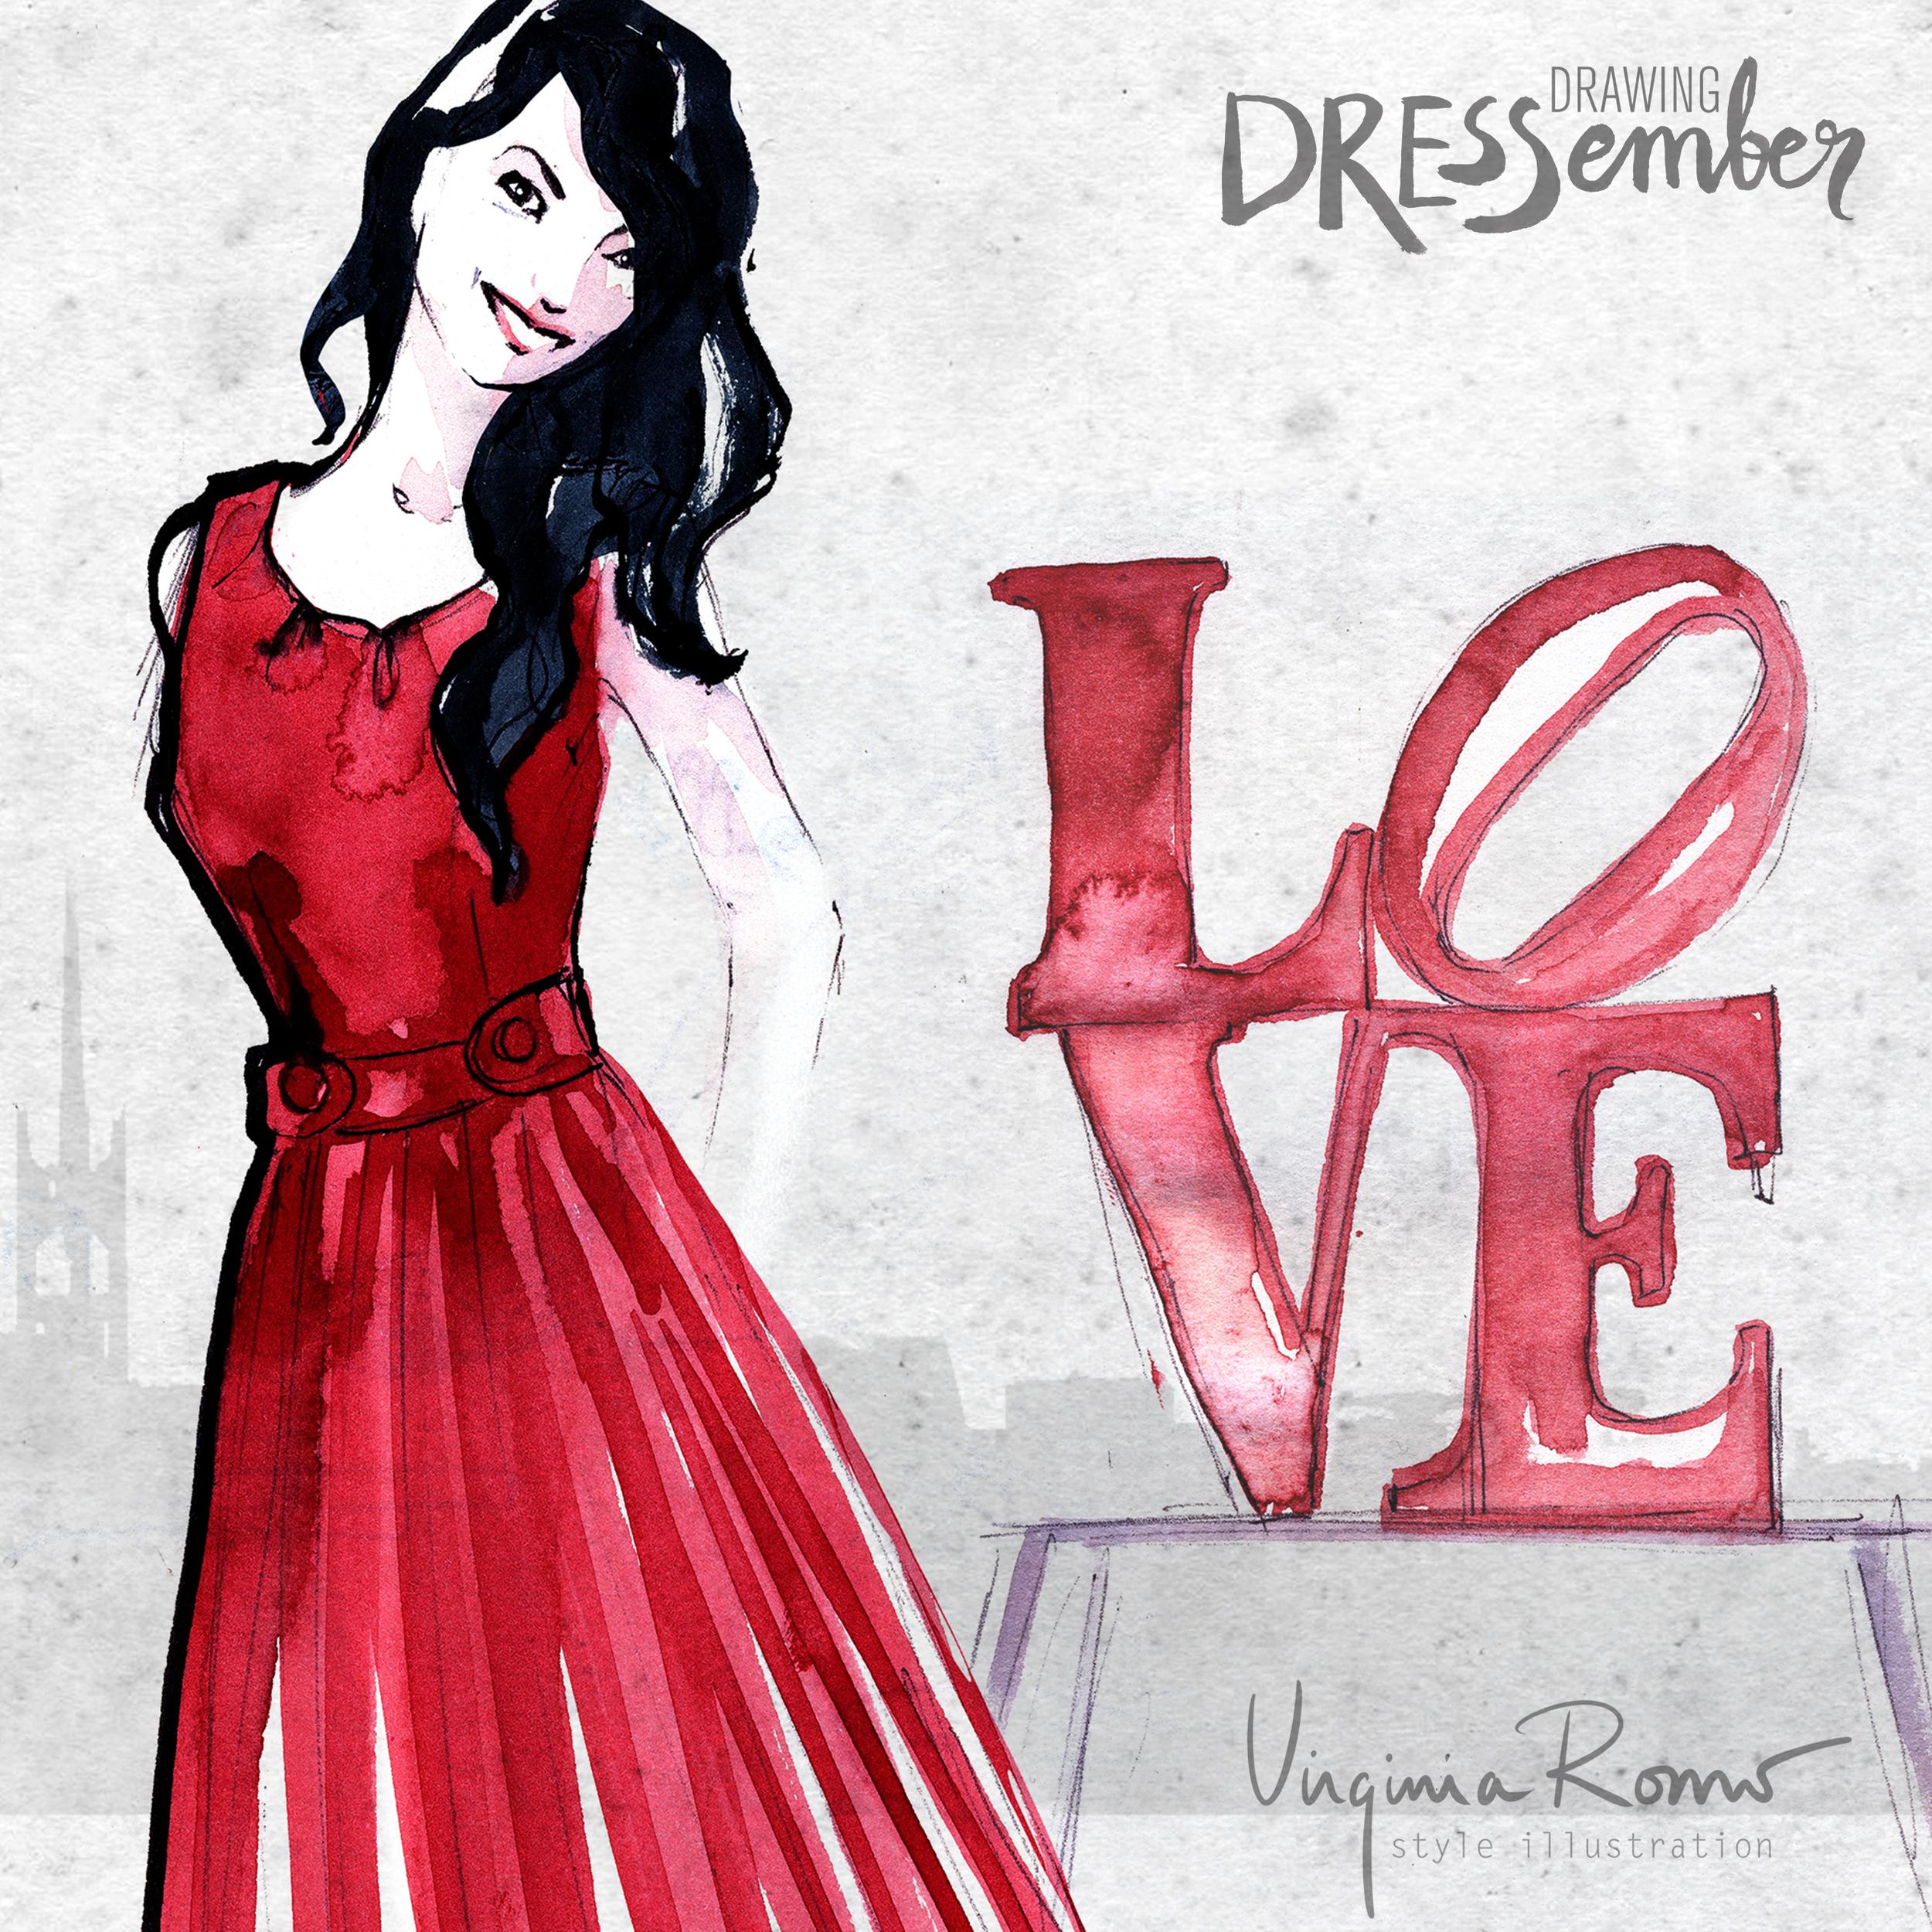 dressember-VirginiaRomoIllustration-17-Mary-IG-BIG.jpg